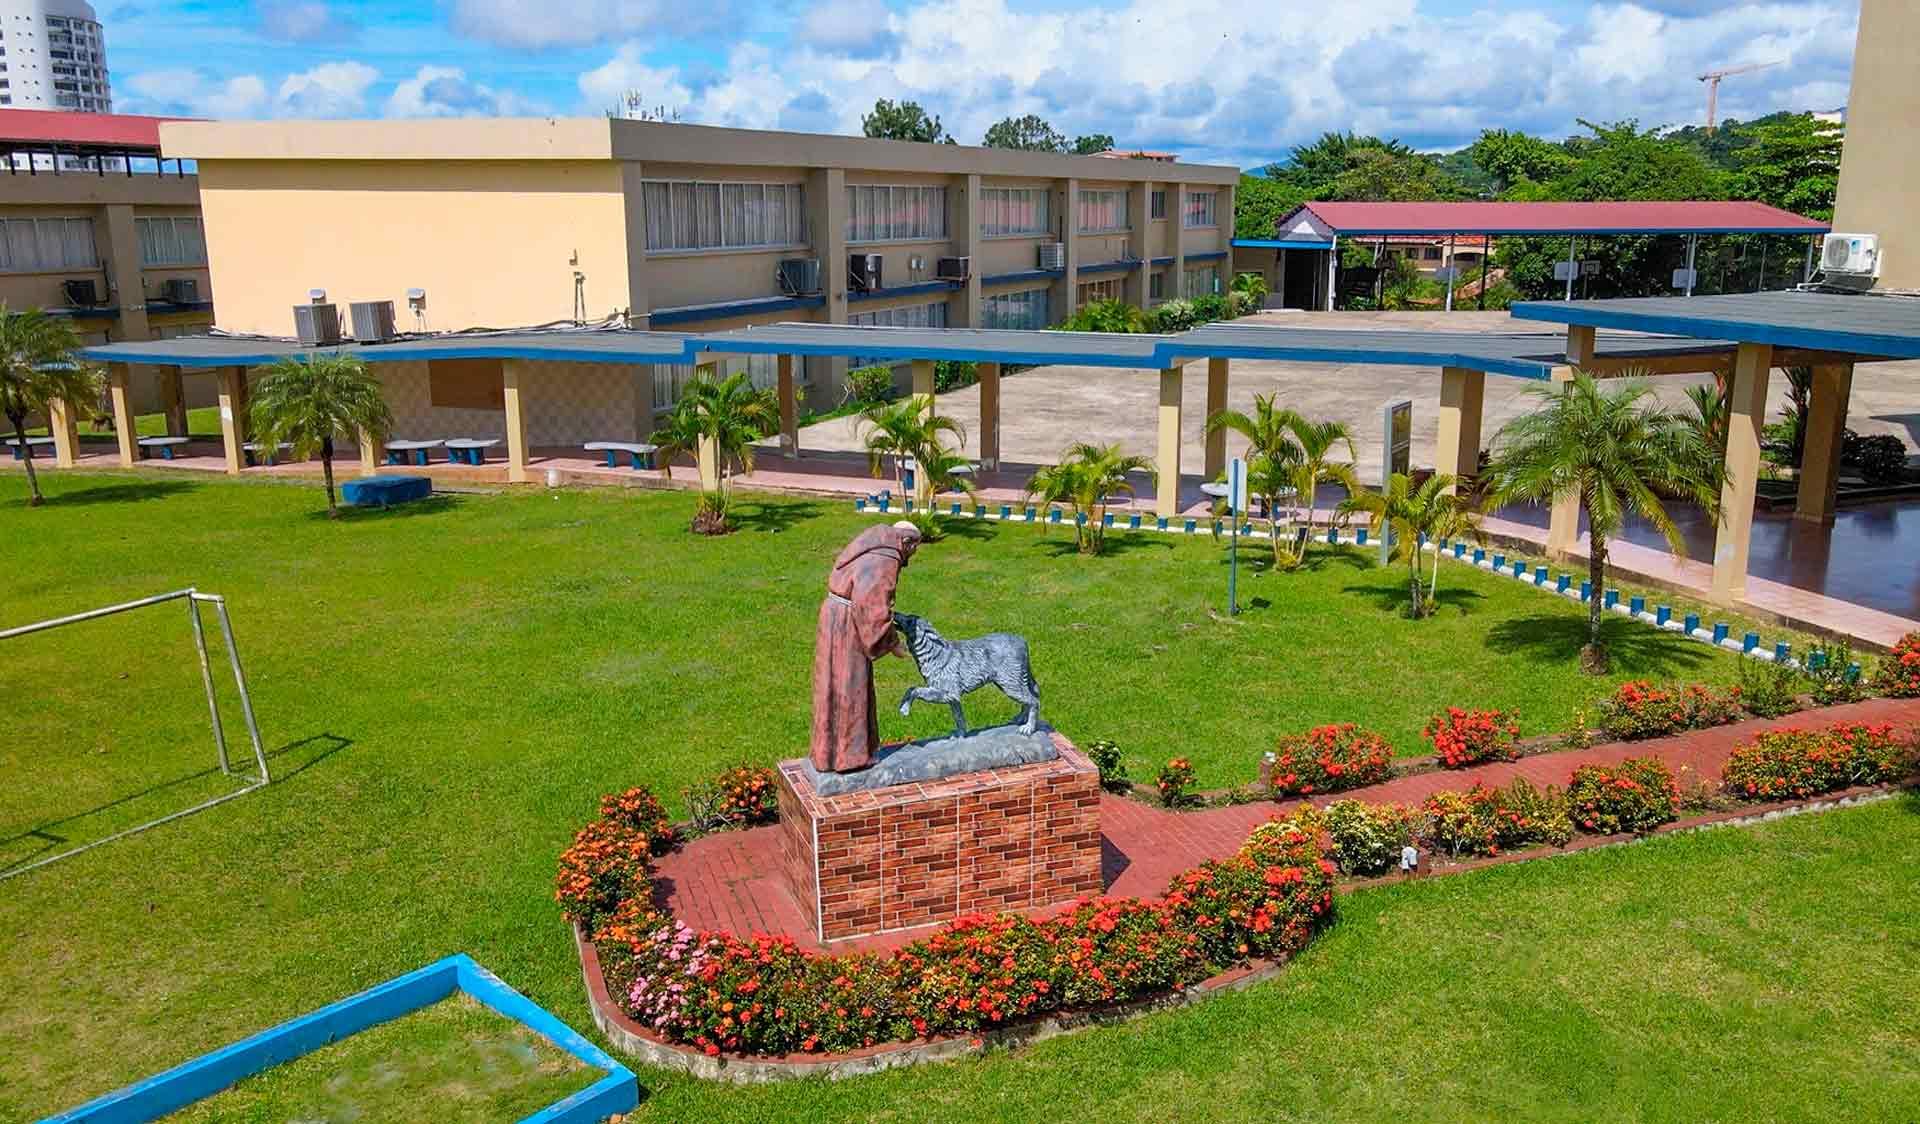 Imagen panorámica del Colegio Internacional de María Inmaculada